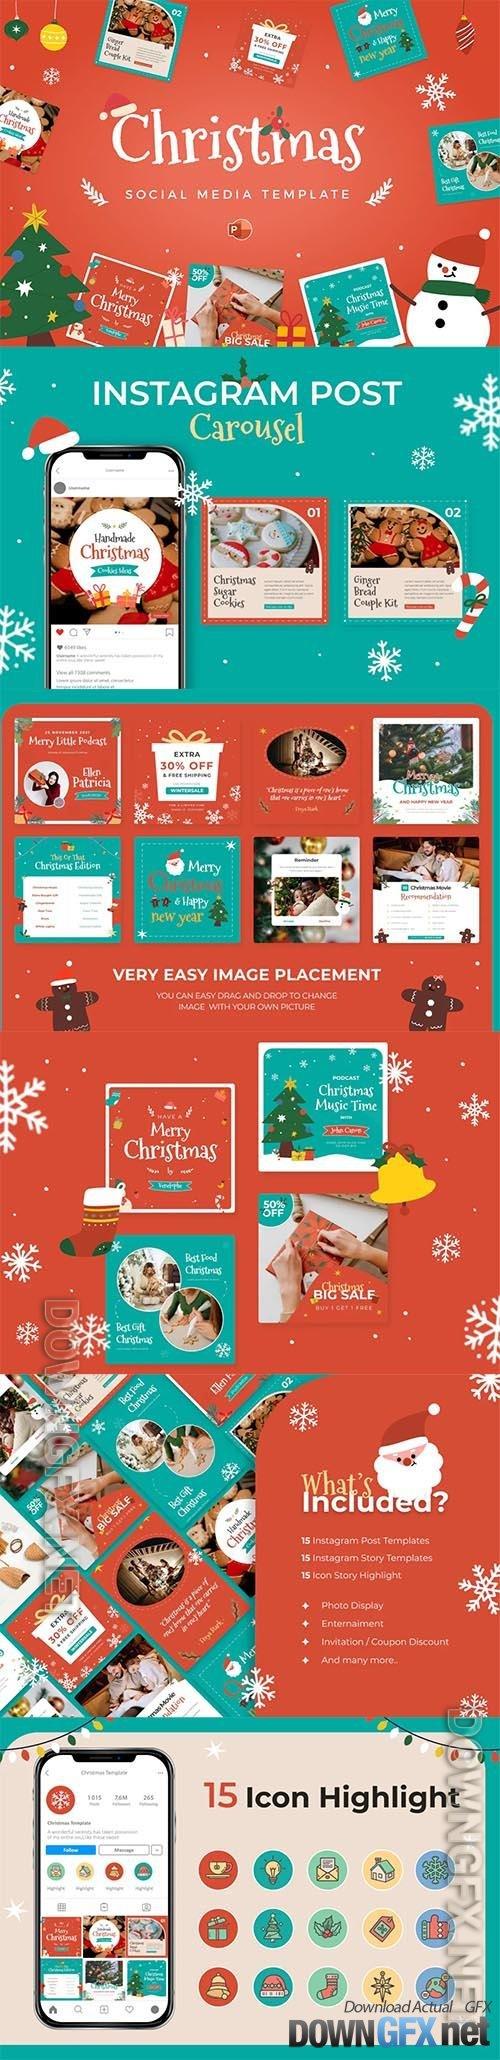 Christmas Social Media Instagram Template Pack